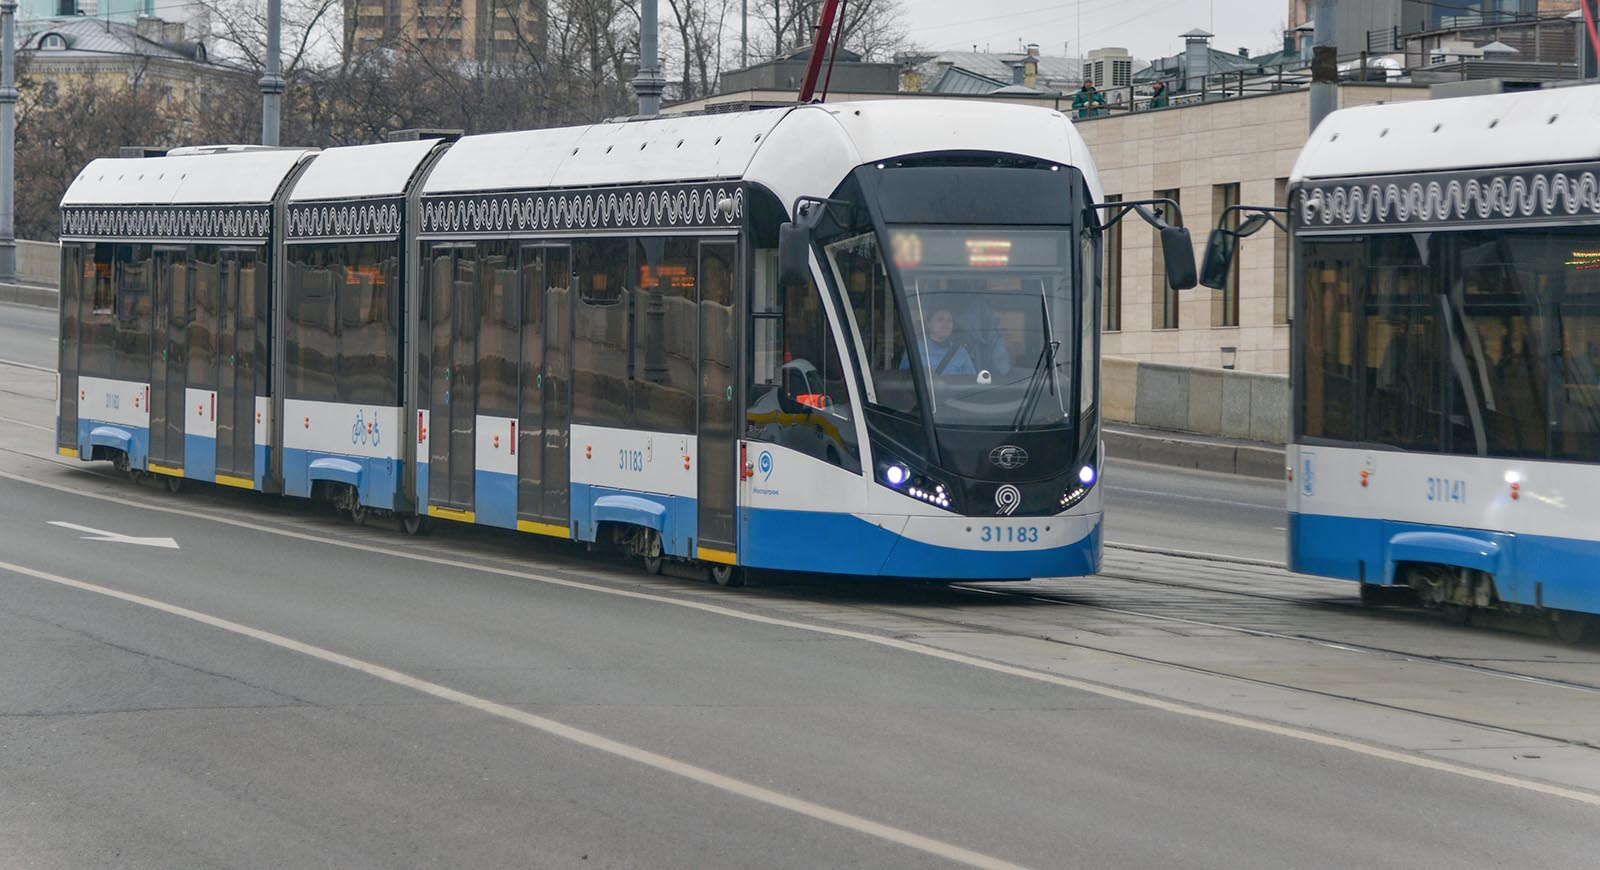 С 10 апреля изменится схема движения общественного транспорта в нескольких районах